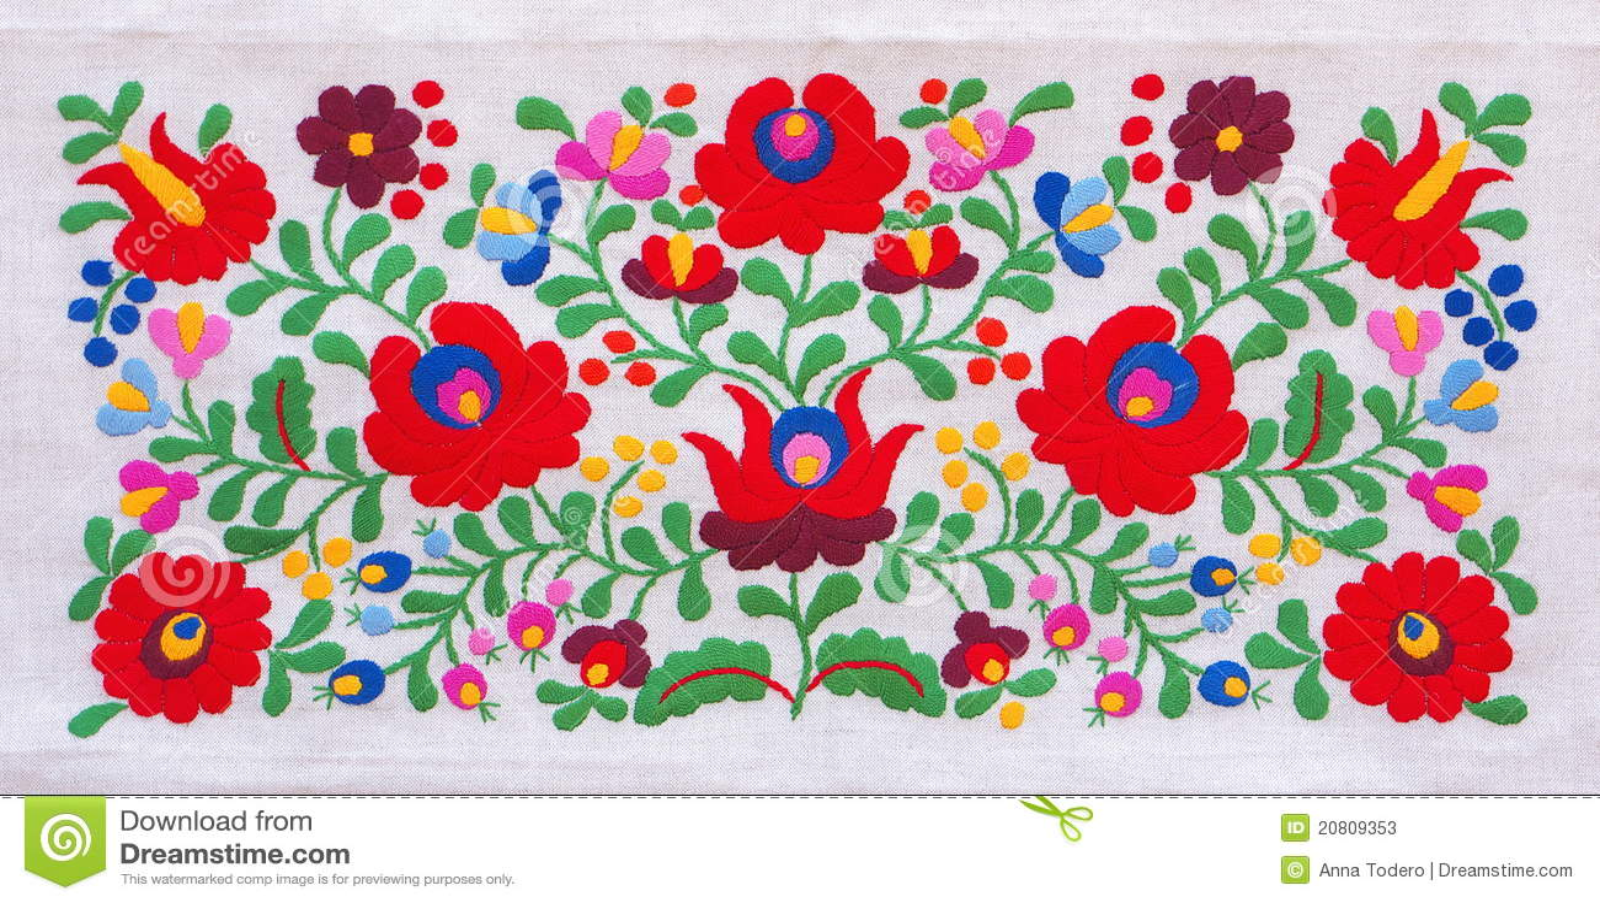 Kleurrijk borduurwerk